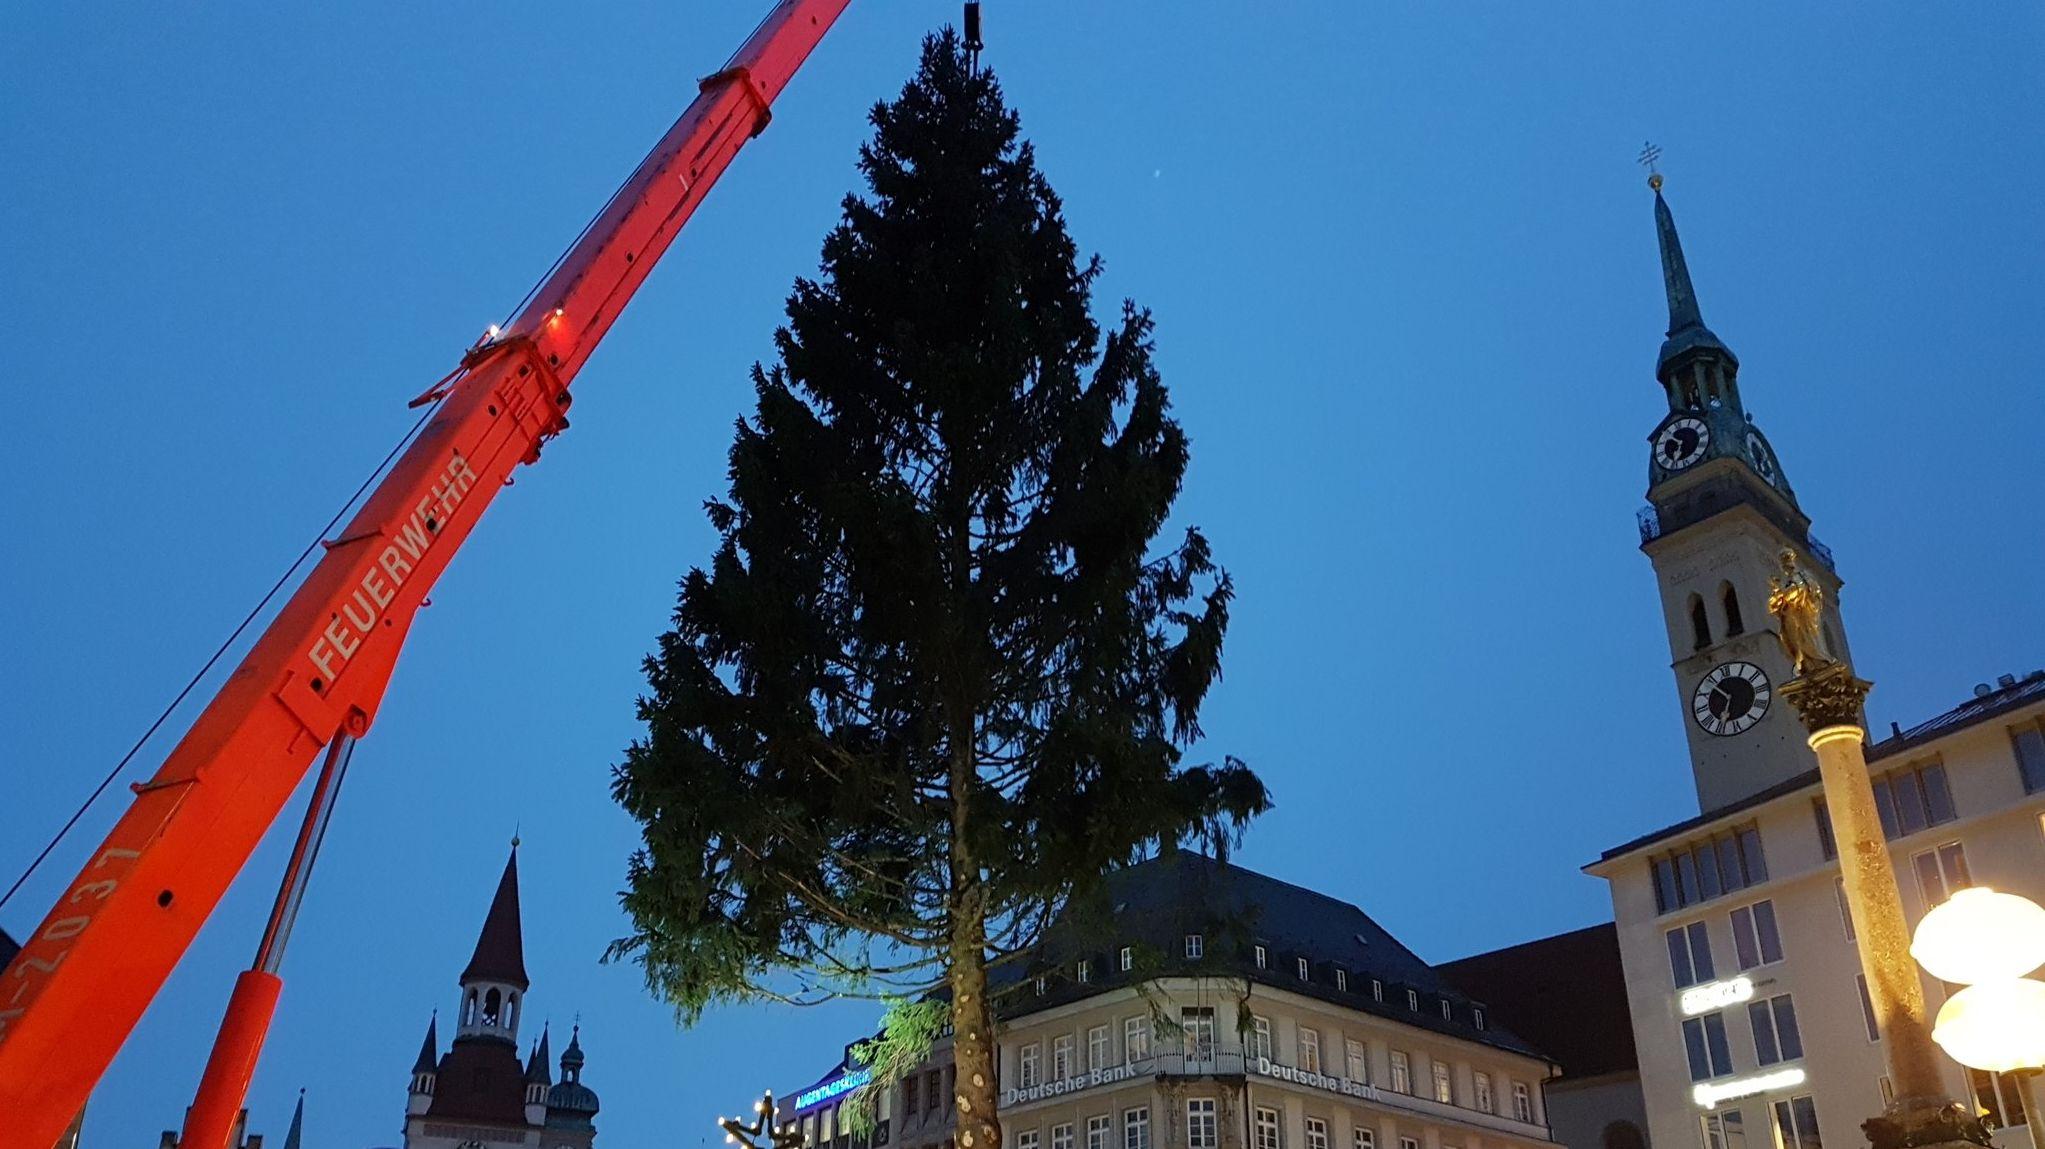 Christbaum für dem Marienplatz hängt am Kran der Feuerwehr.